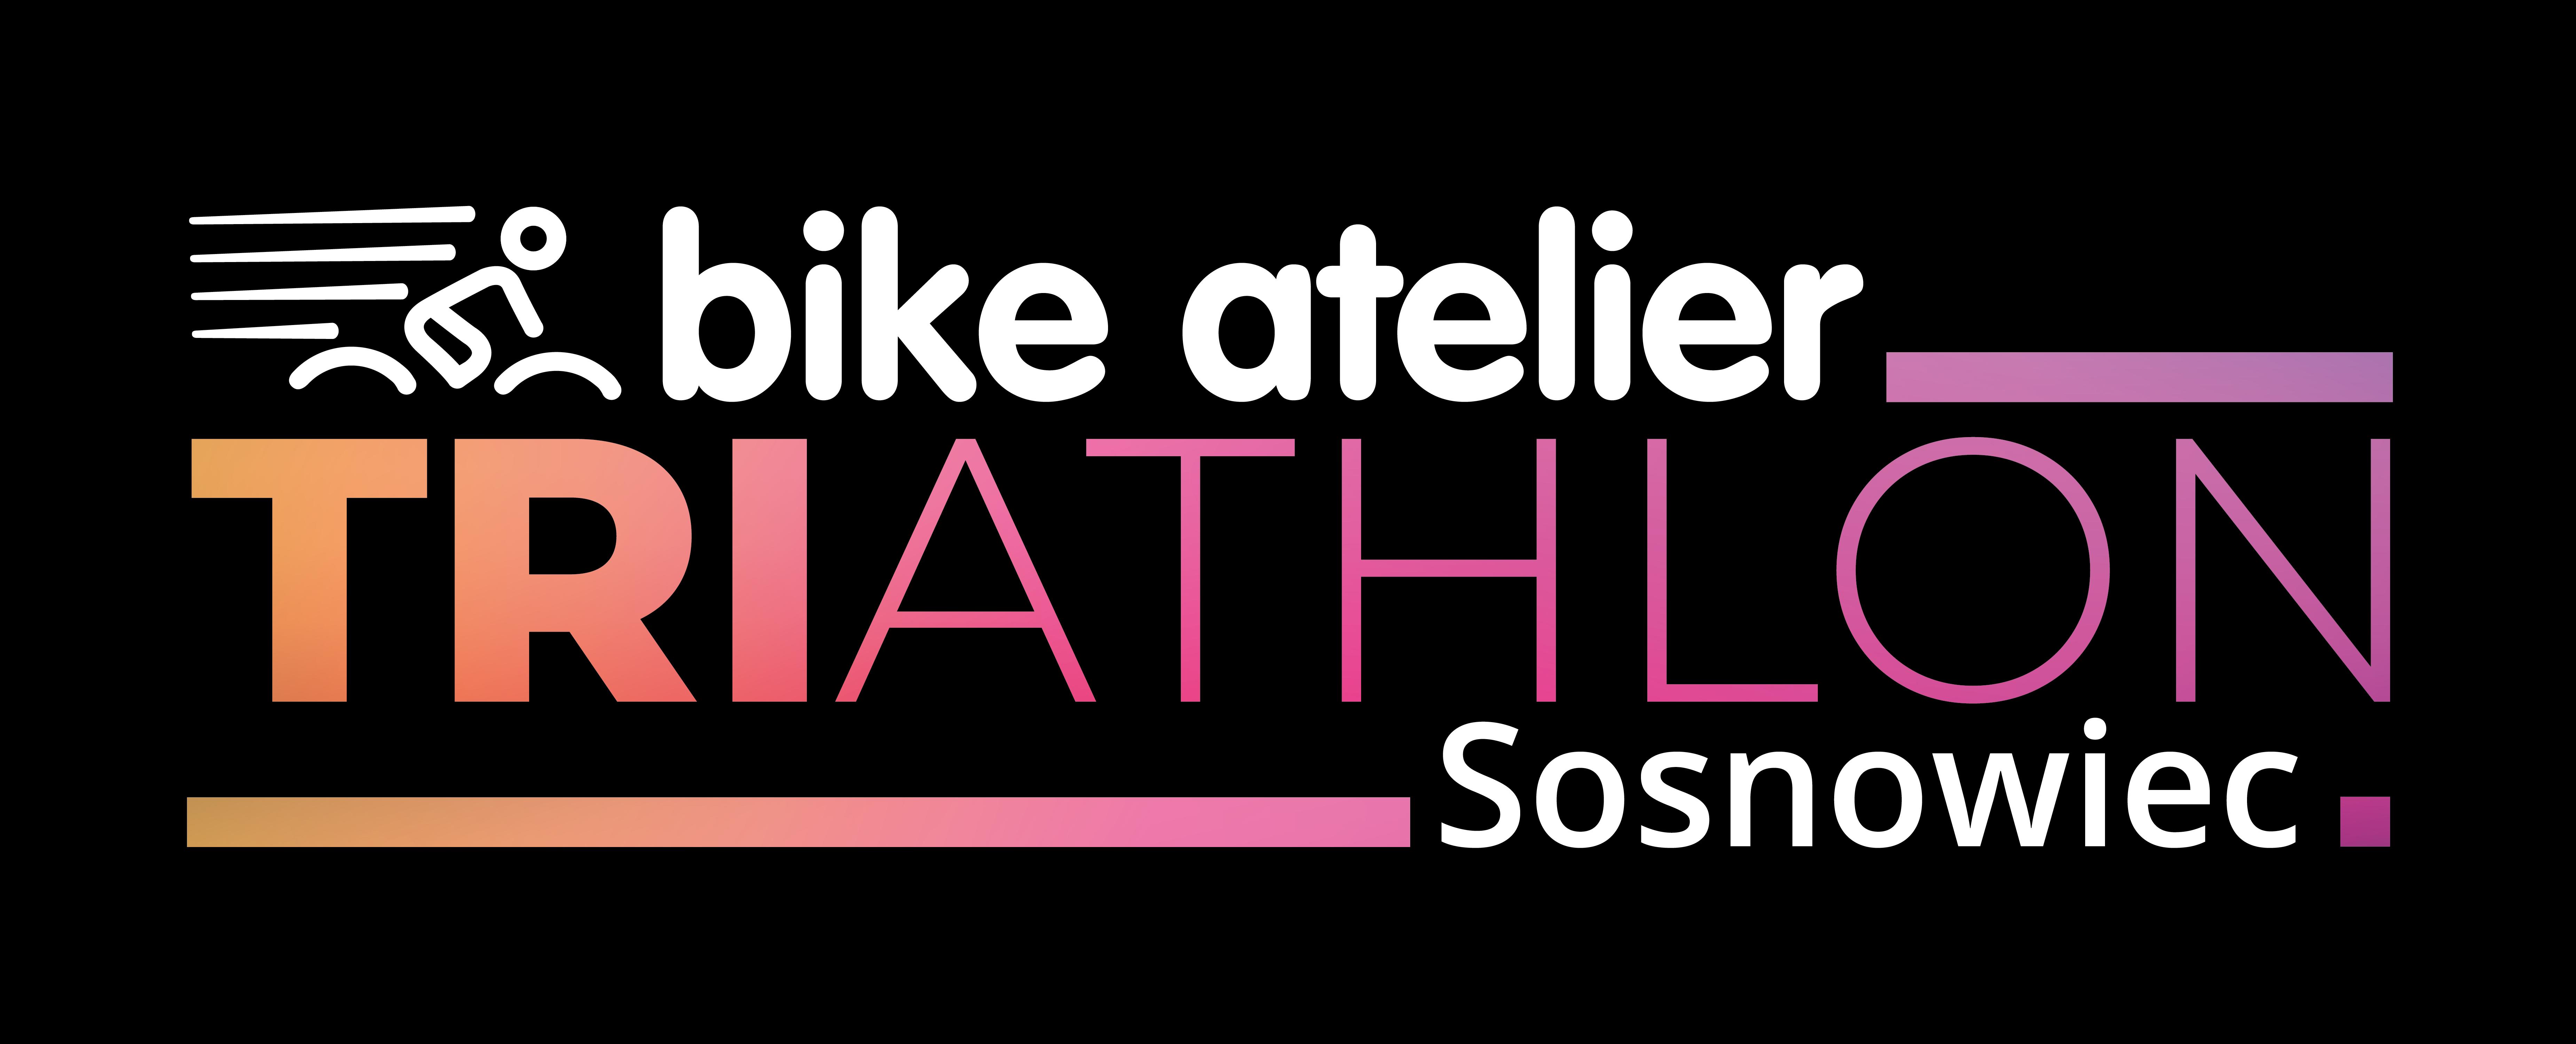 Logo Zawodów Bike Atelier Triathlon Sosnowiec 2019